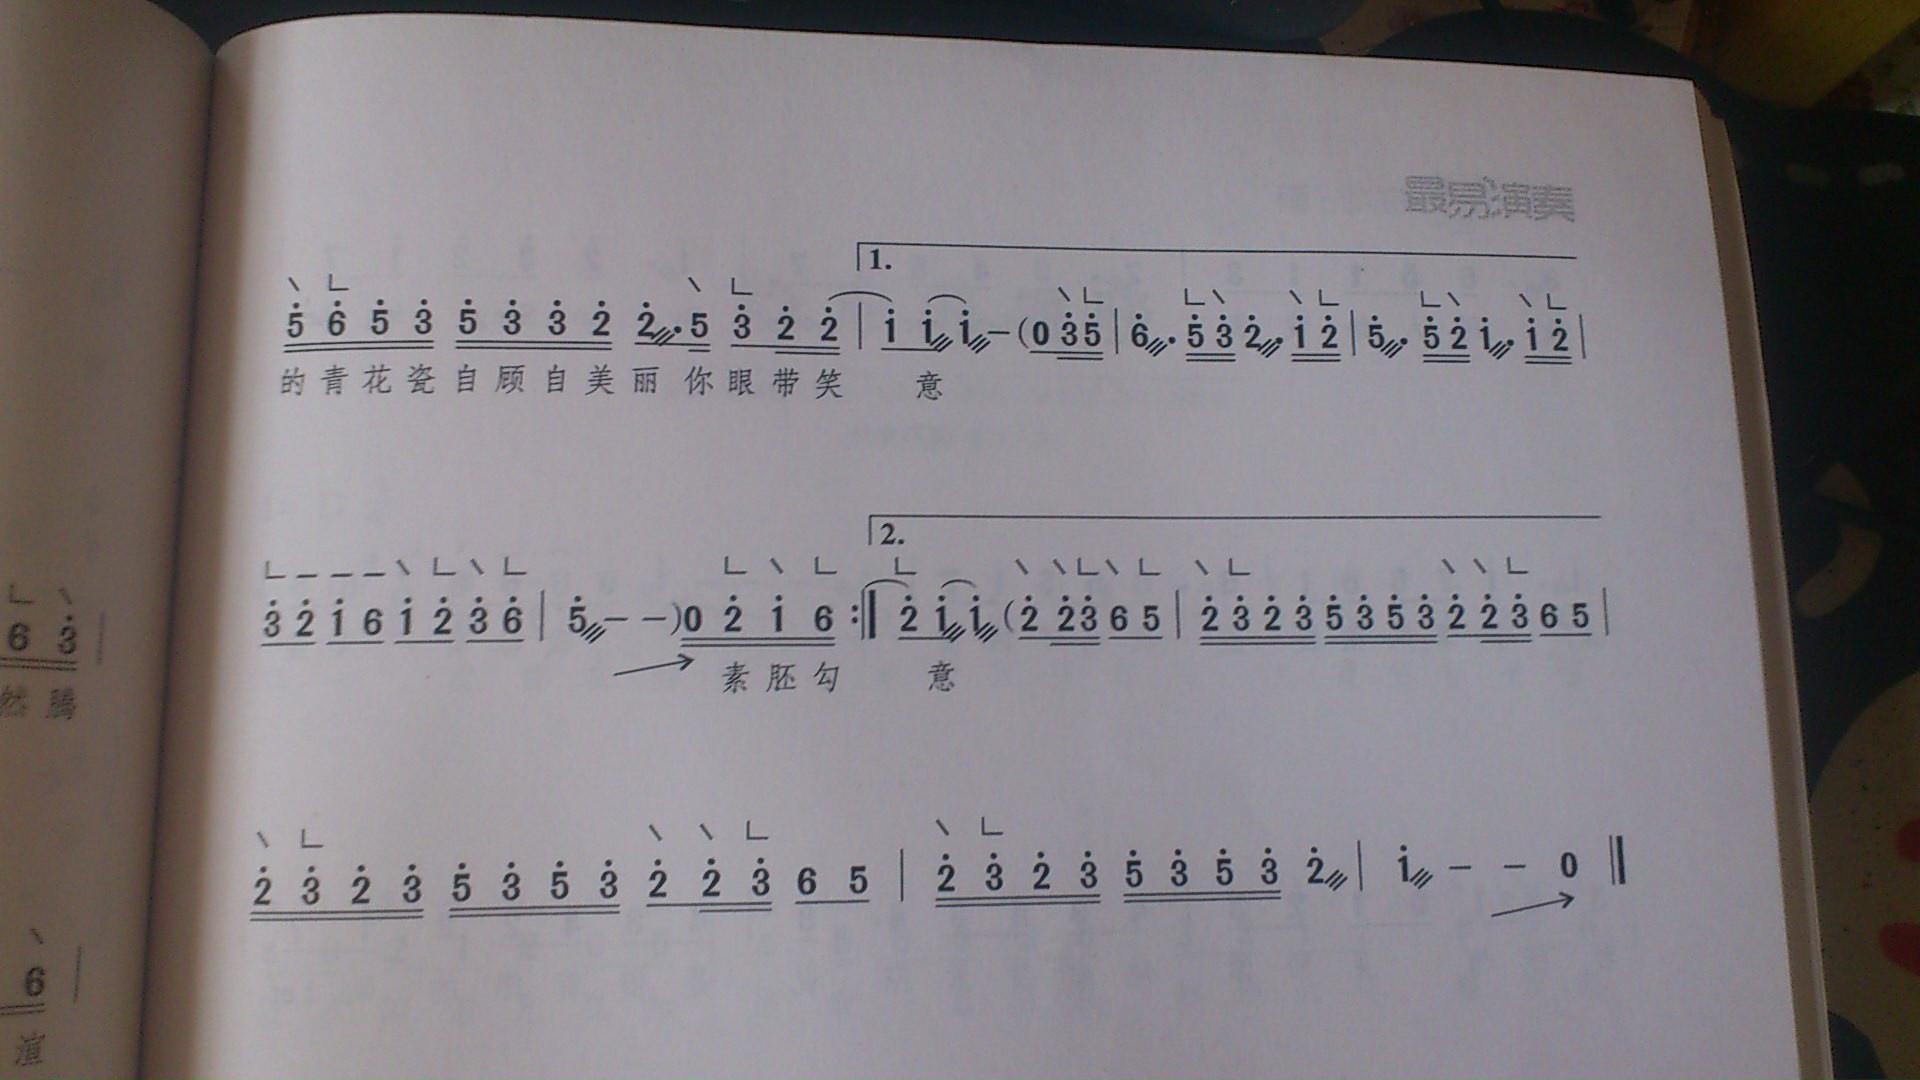 青花瓷古筝谱(带指法和歌词)!